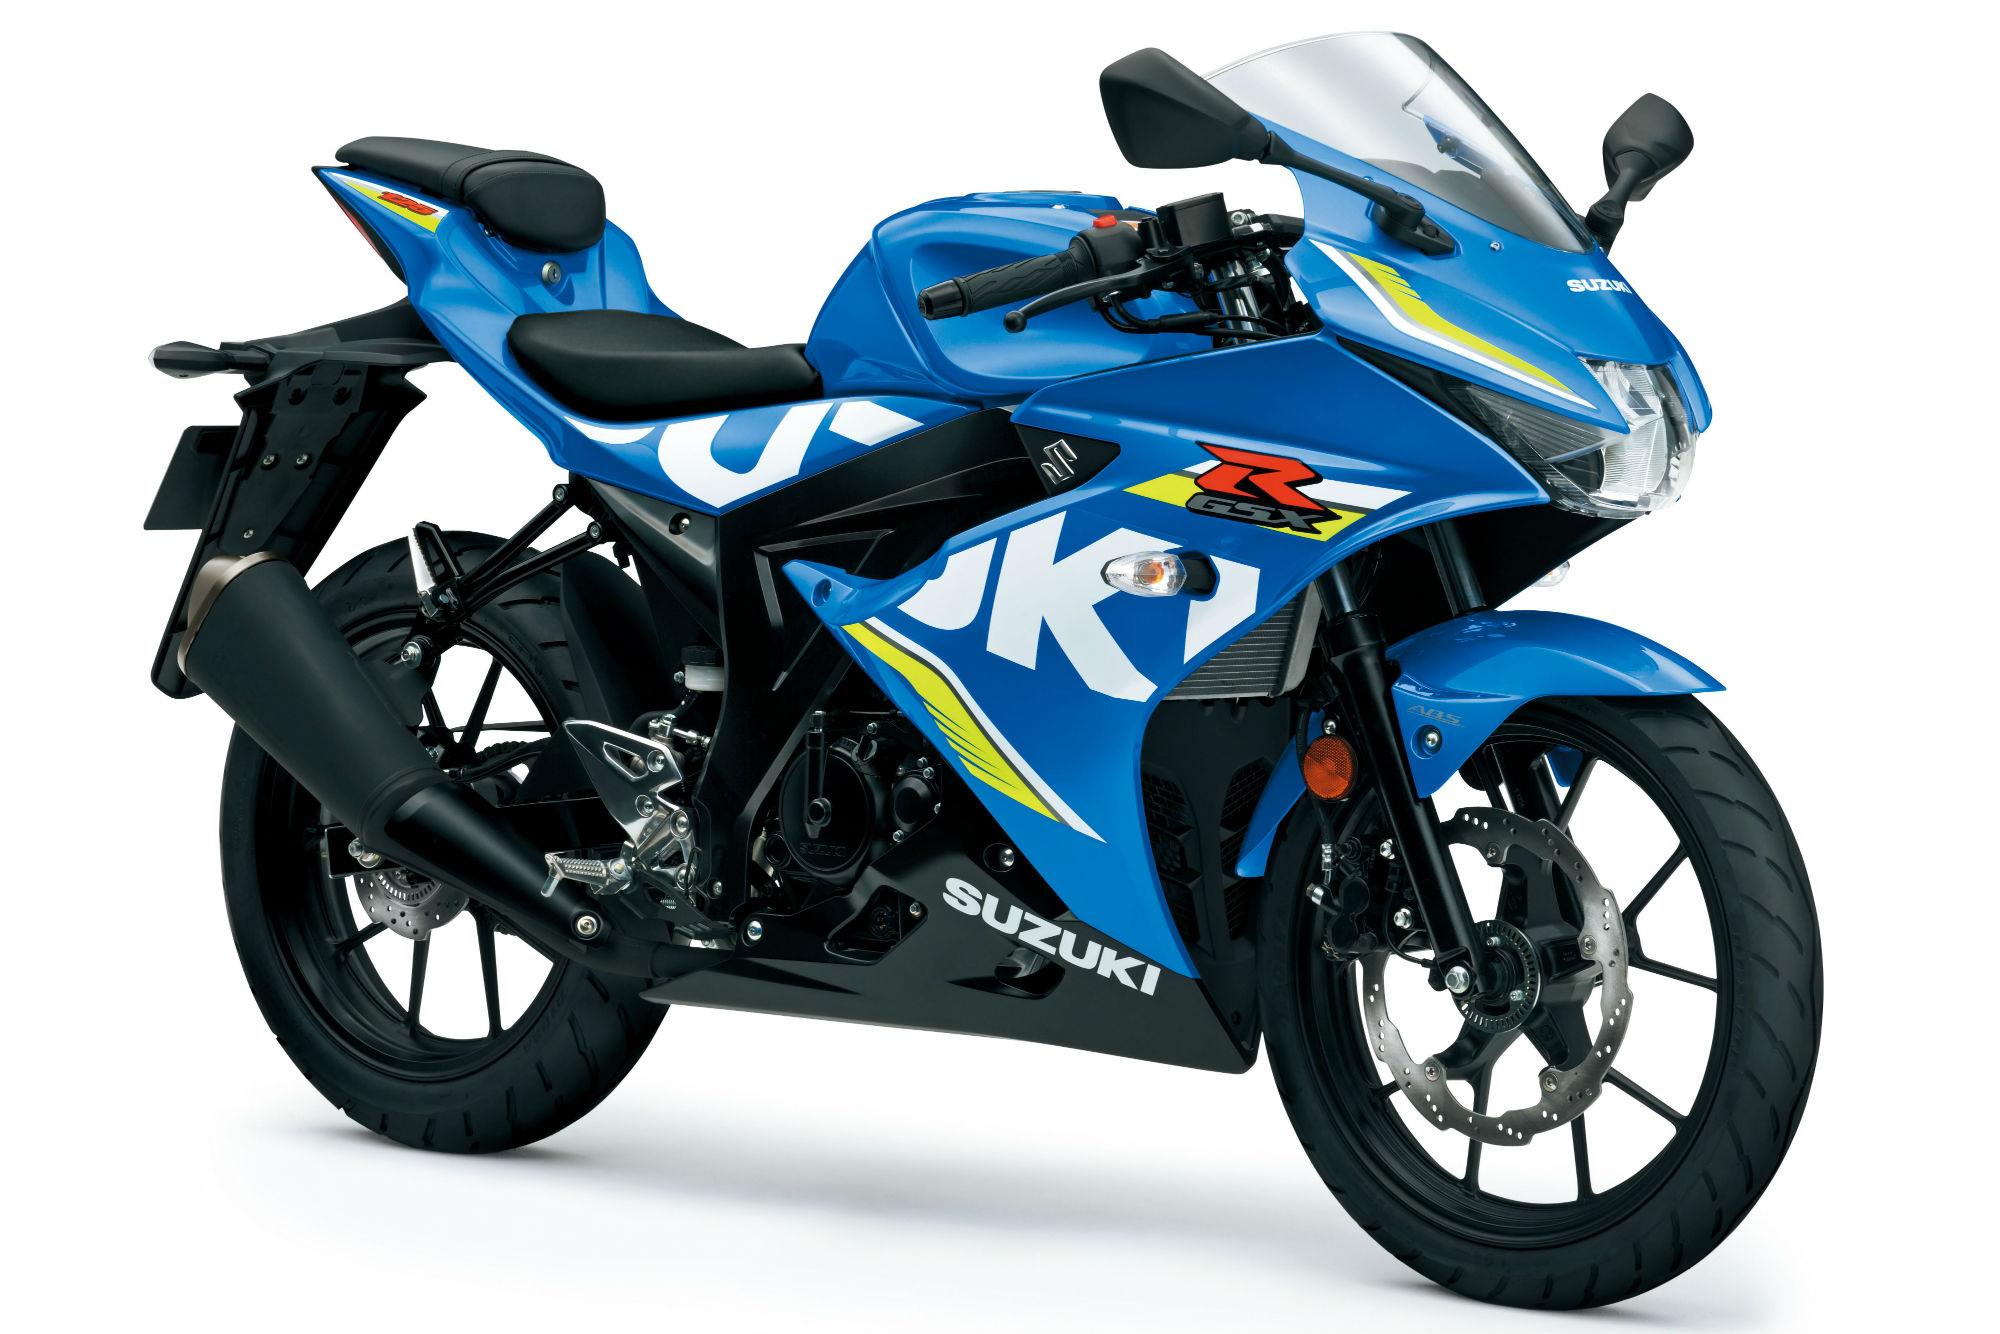 Win a Suzuki bike and car with Carole Nash | Visordown